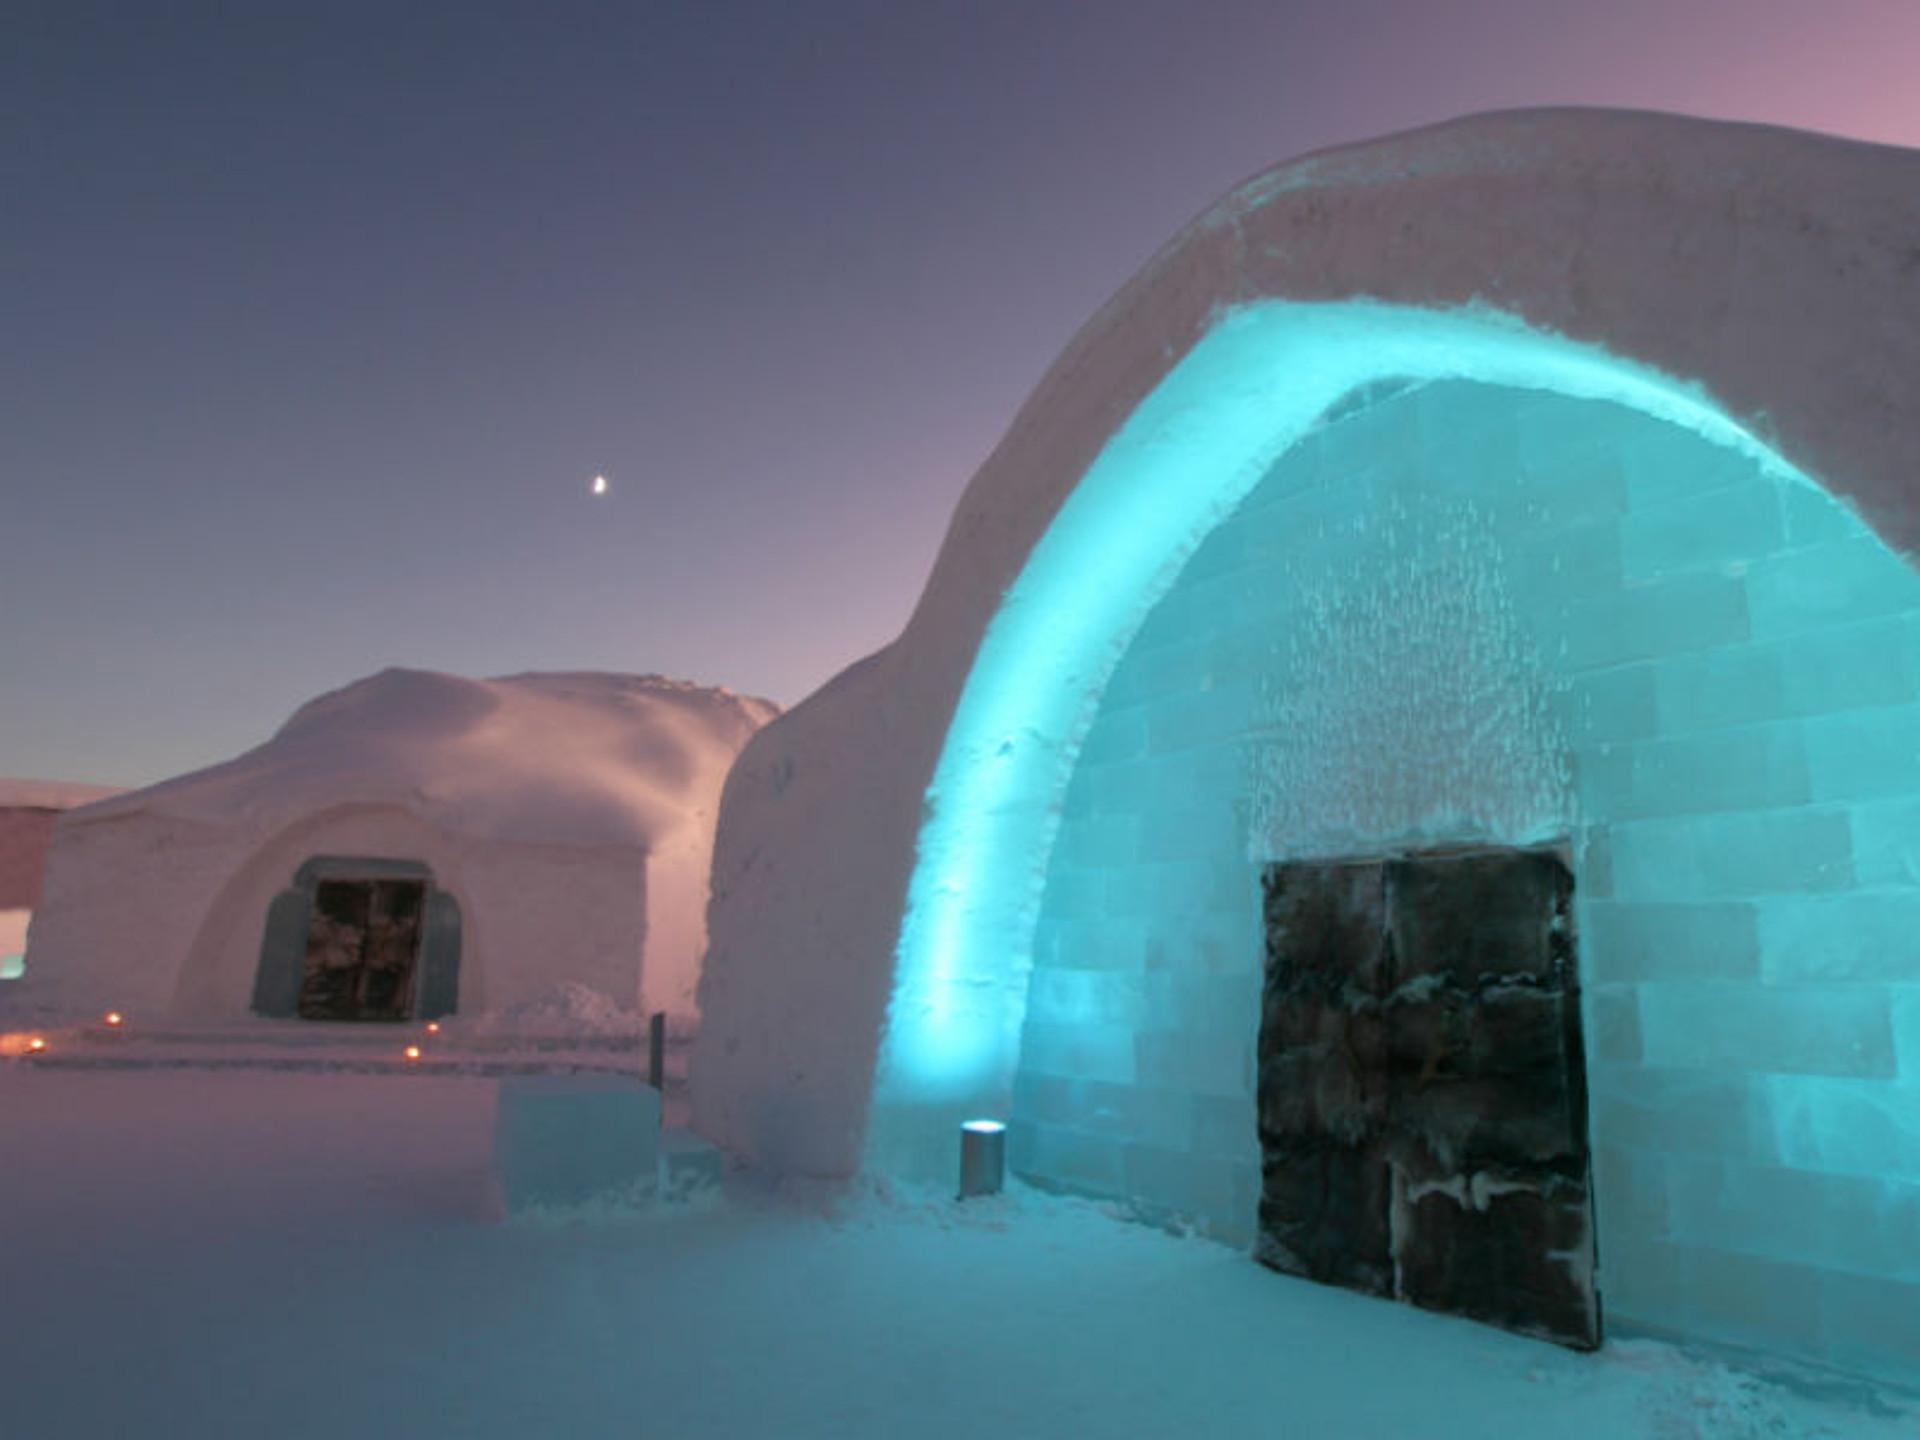 Schweden Absurde Baubestimmungen: Eishotel braucht Brandmelder